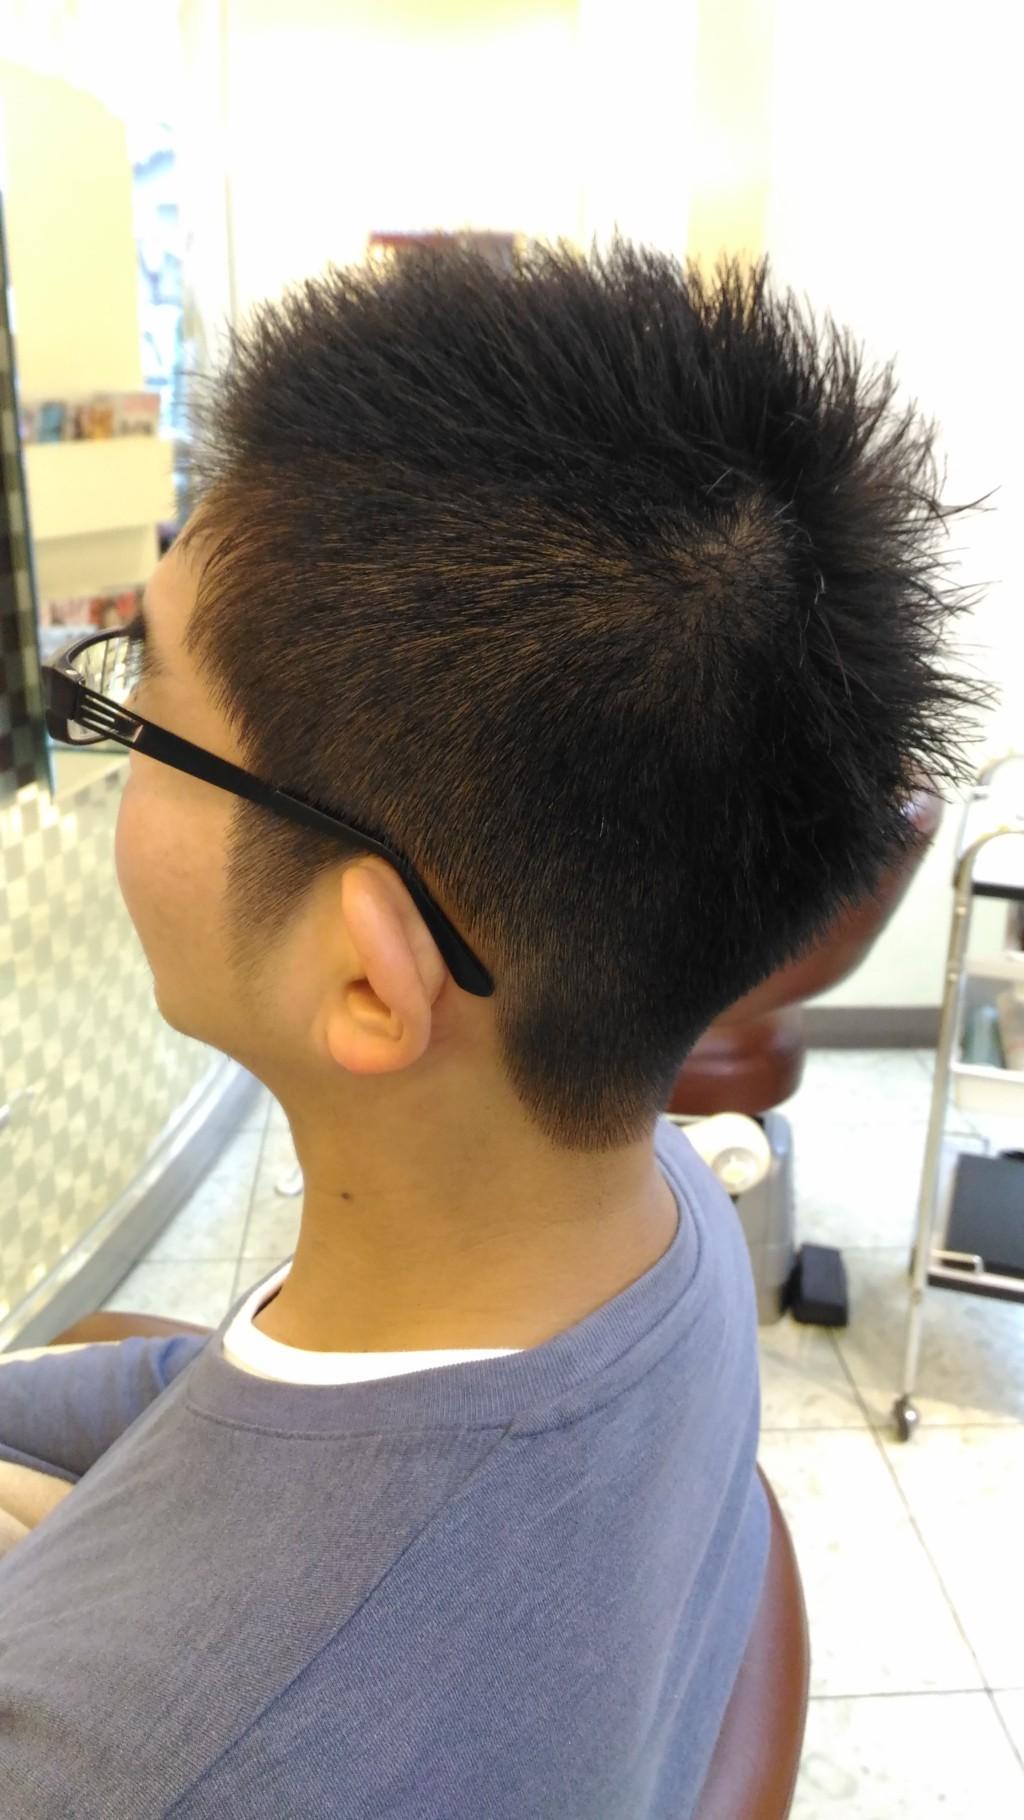 直毛さんの刈りあげスタイル!毛流れコントロールでカッコよく♪